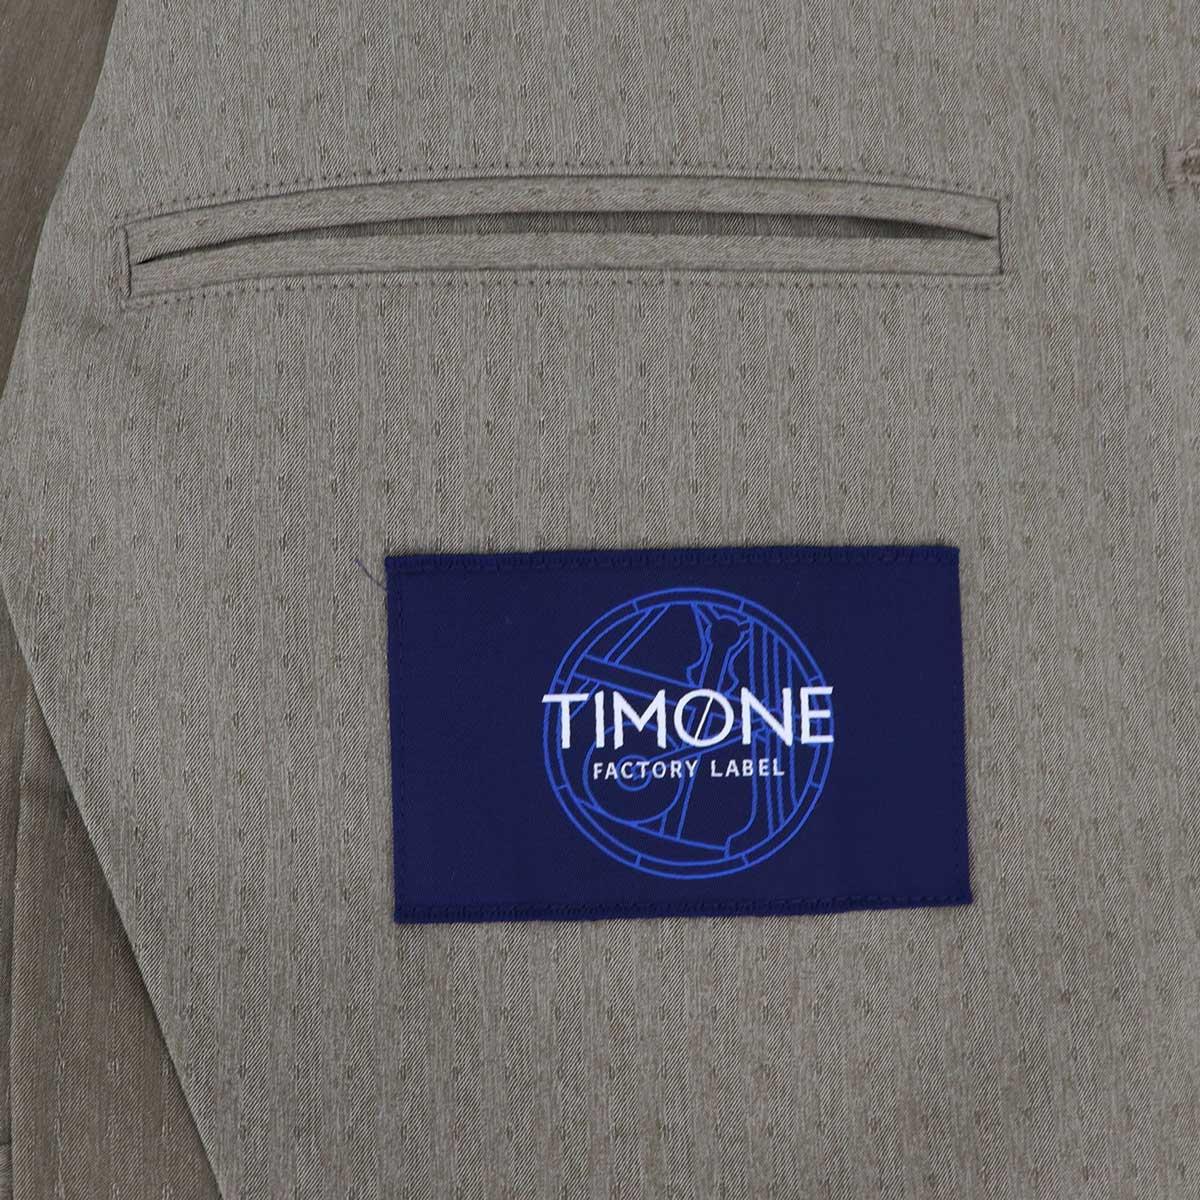 【クリアランスセール】ティモーネ Timone メンズ 撥水ナイロン ドットストライプ エアリーストレッチ サマー サファリジャケット TM0807123(サンドベージュ)【返品交換不可】